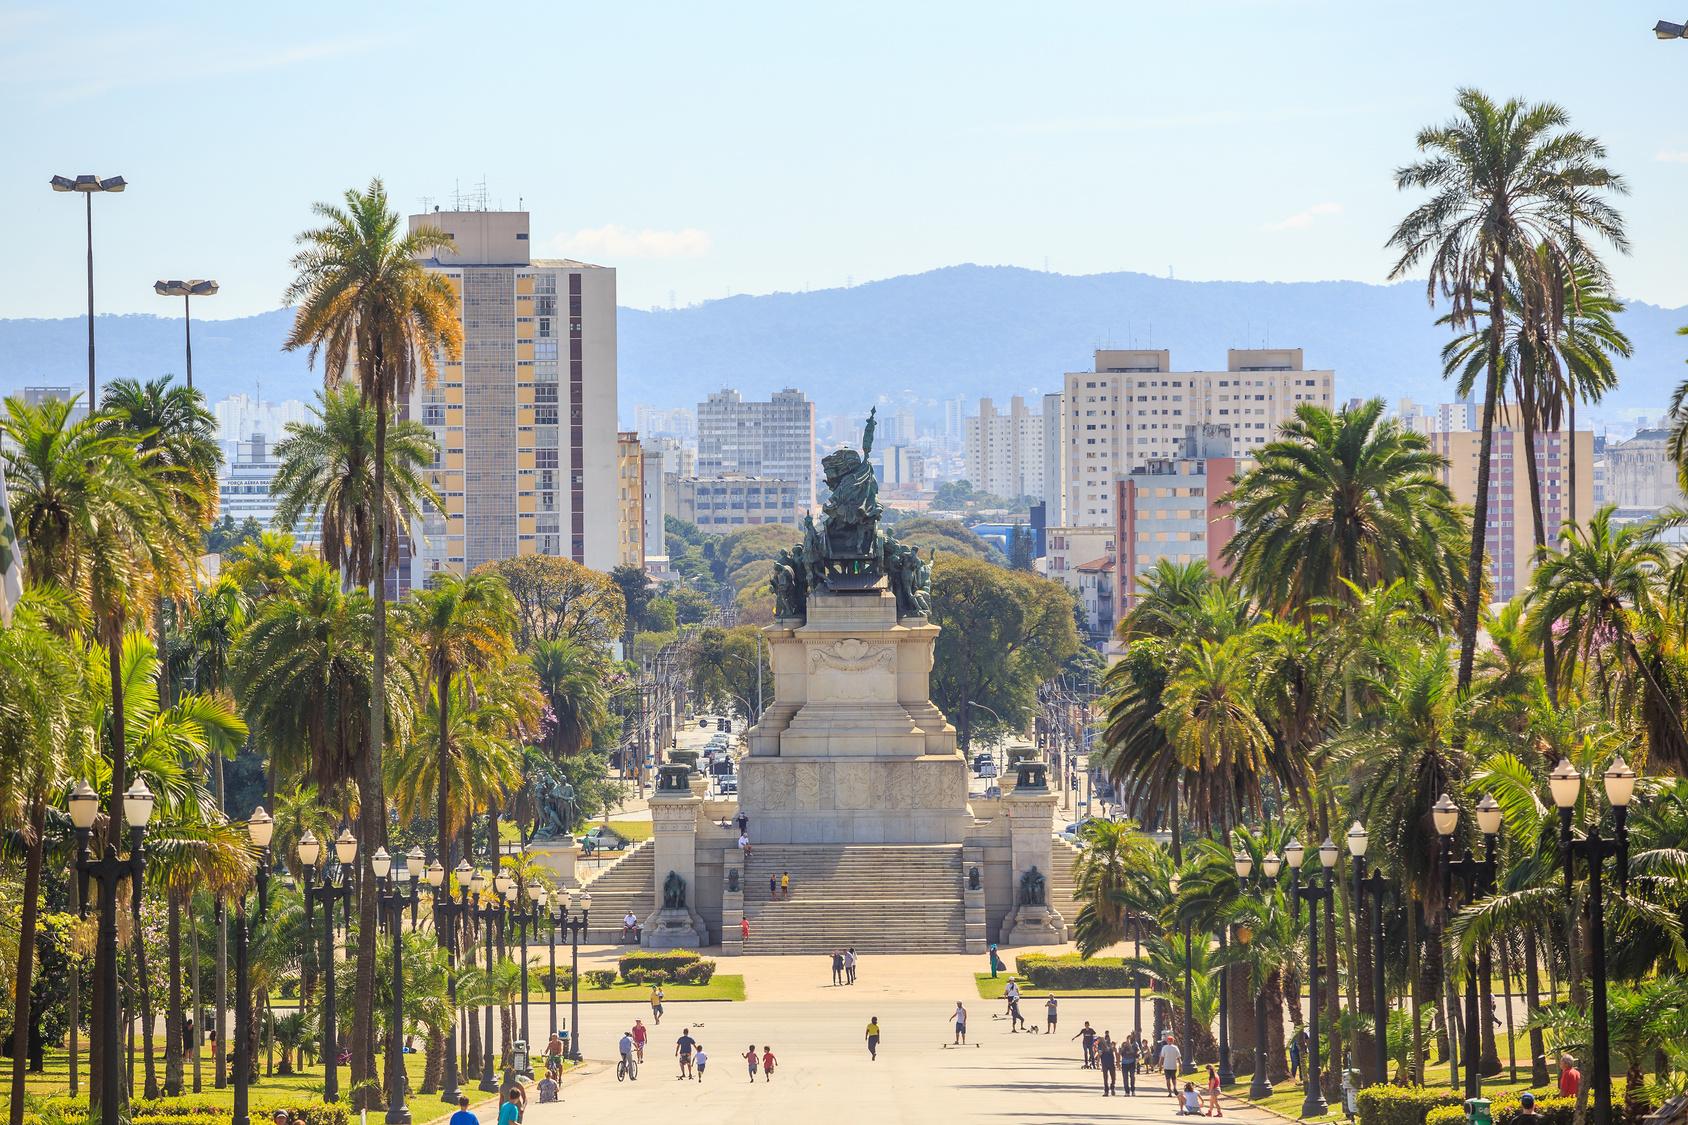 Monumento da Intependencia (Unabhängigkeitsdenkmal) in Sao Paulo